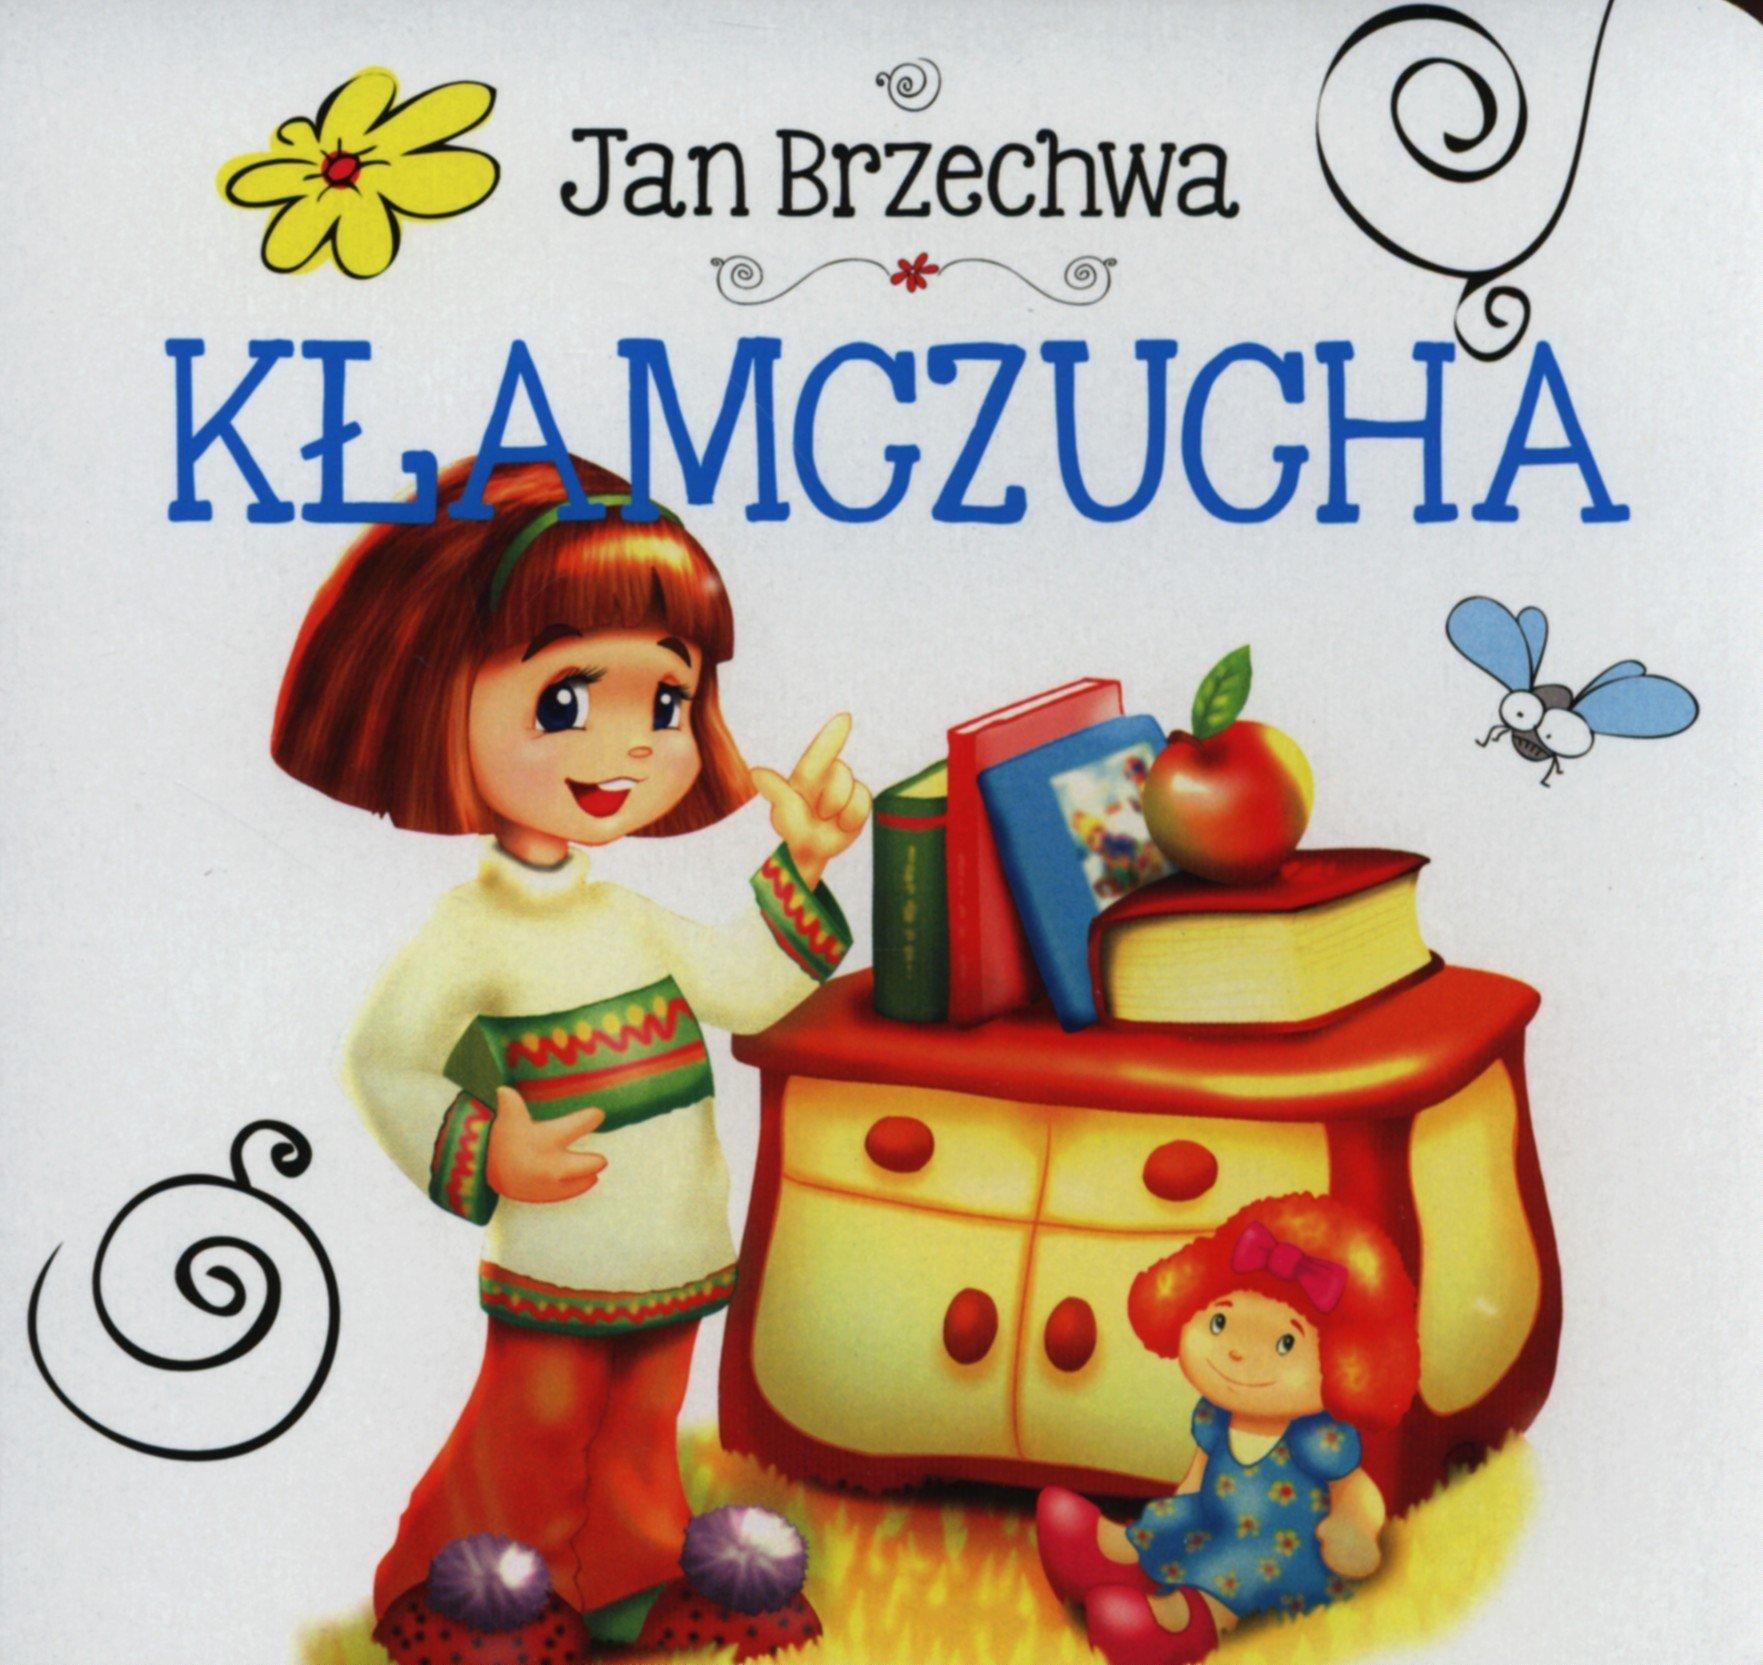 Klamczucha Amazoncouk Jan Brzechwa 9788327415974 Books